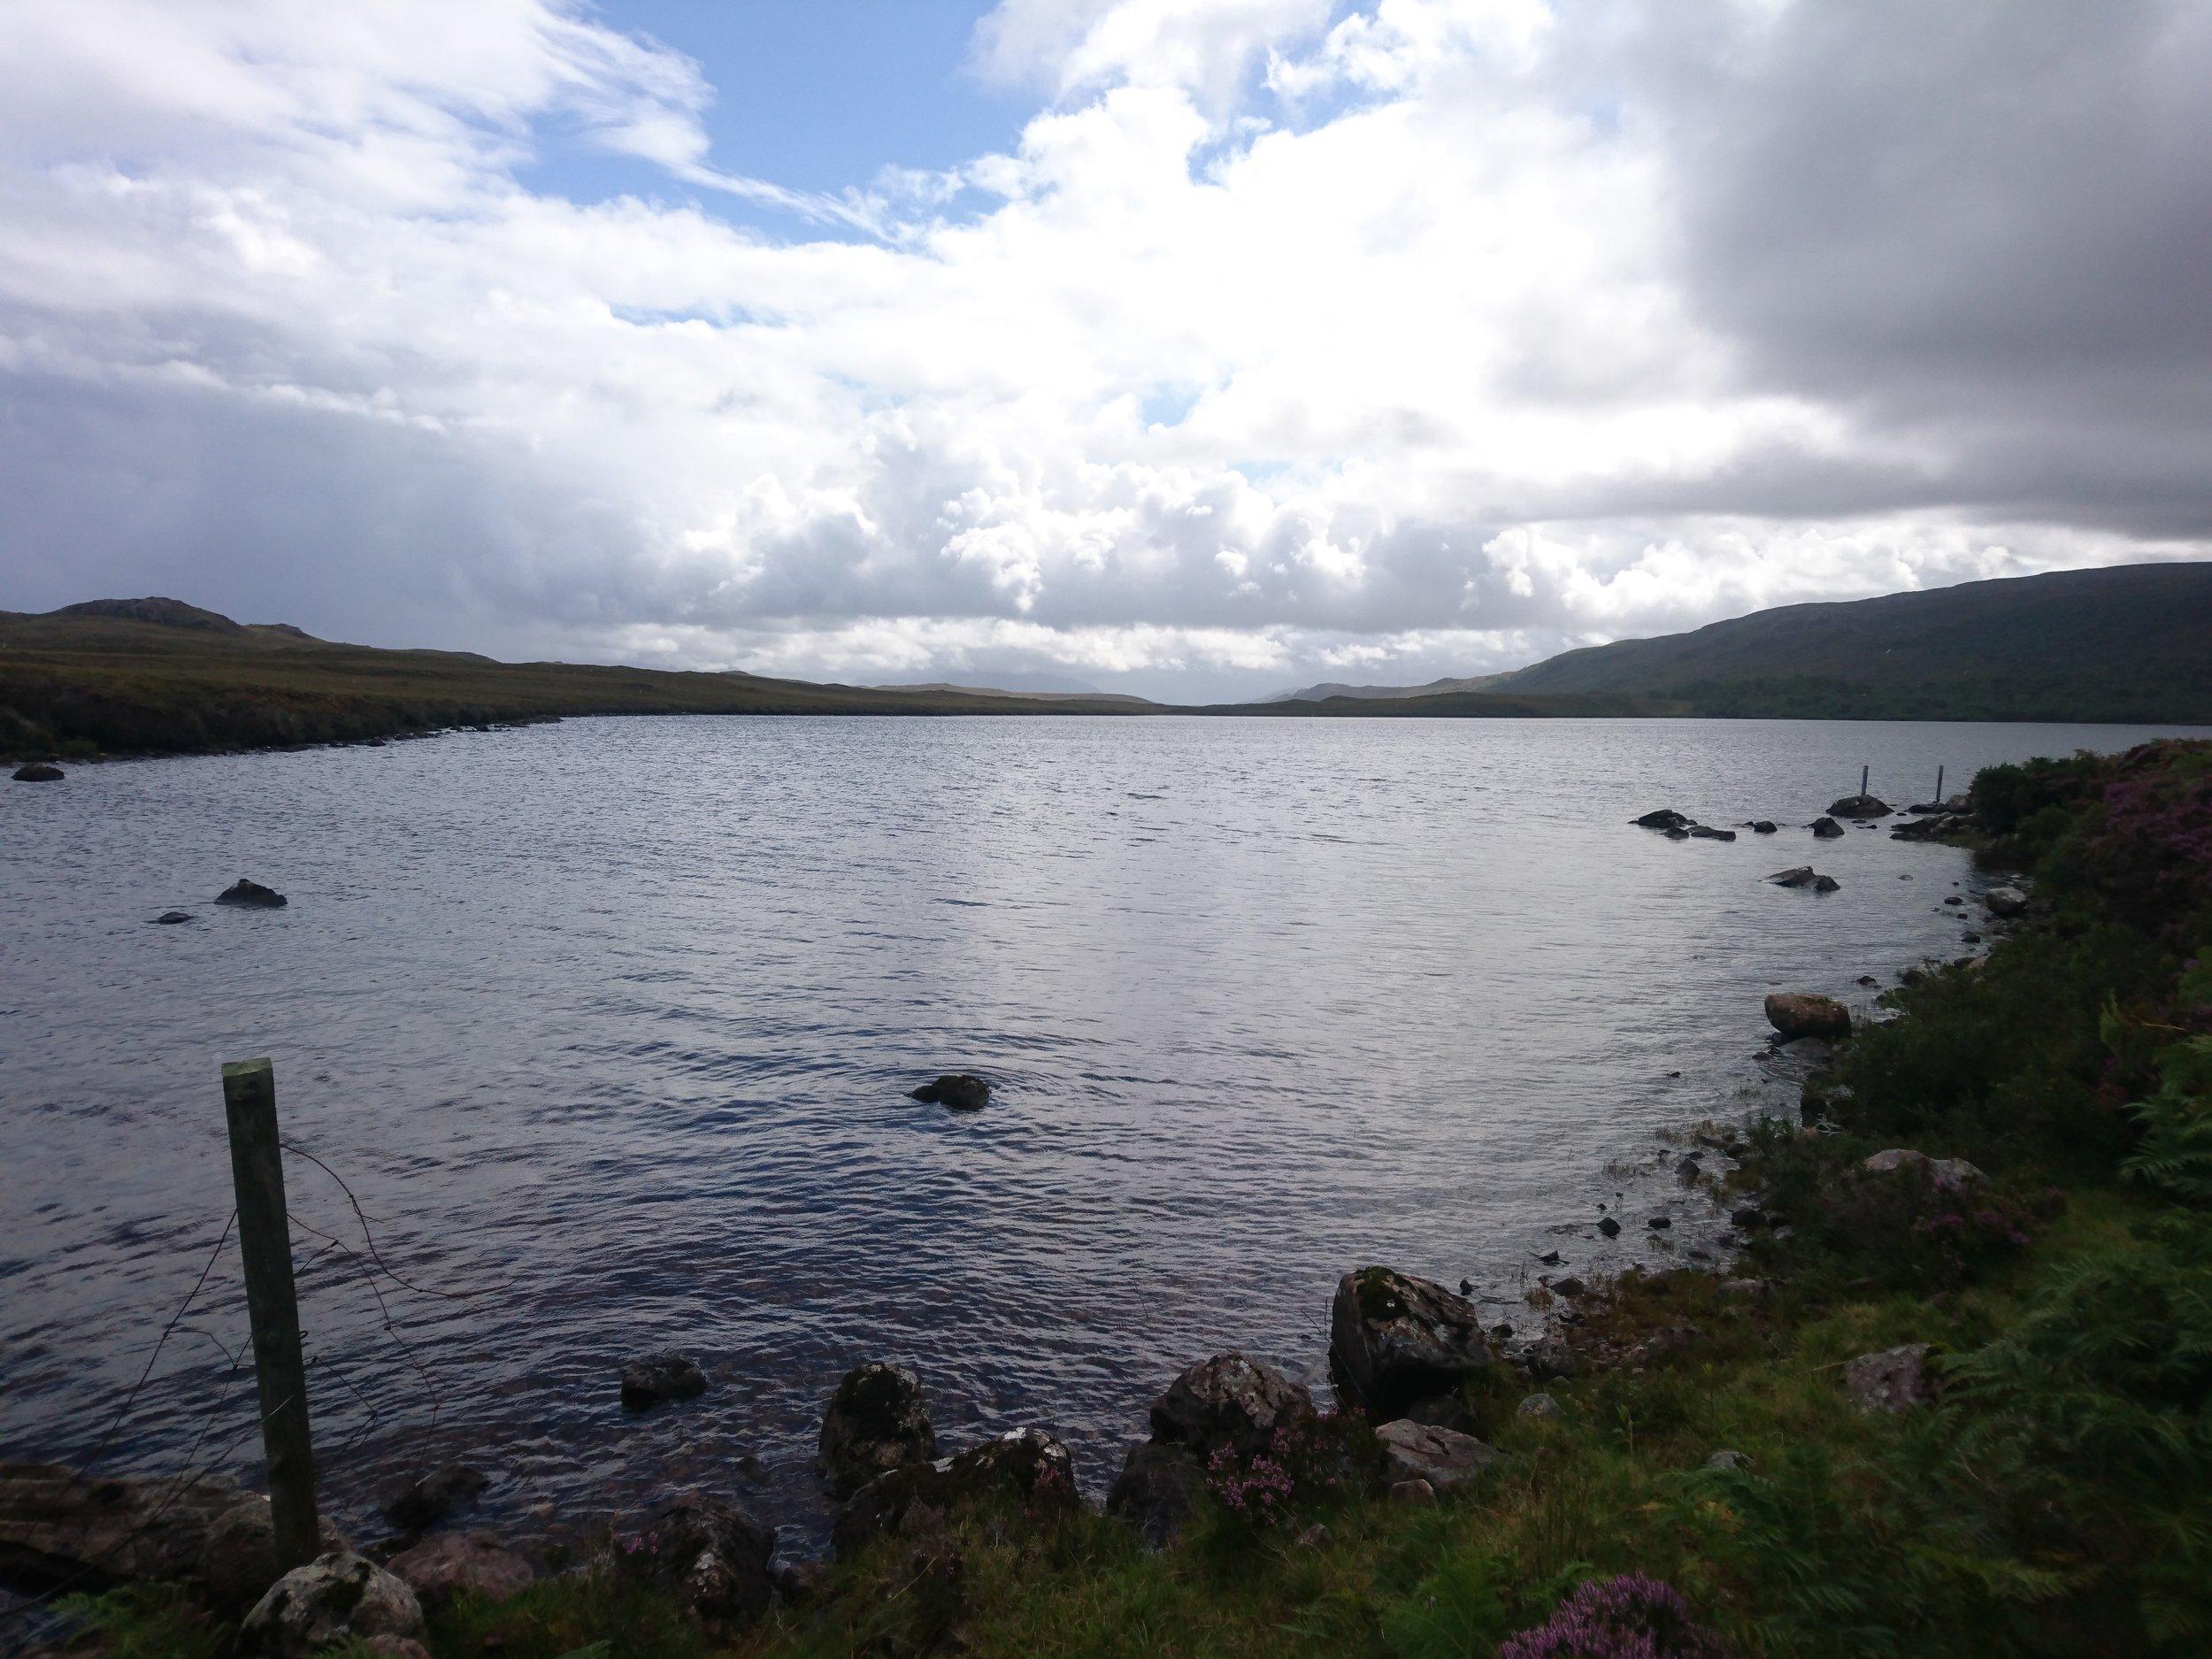 Loch an Draing